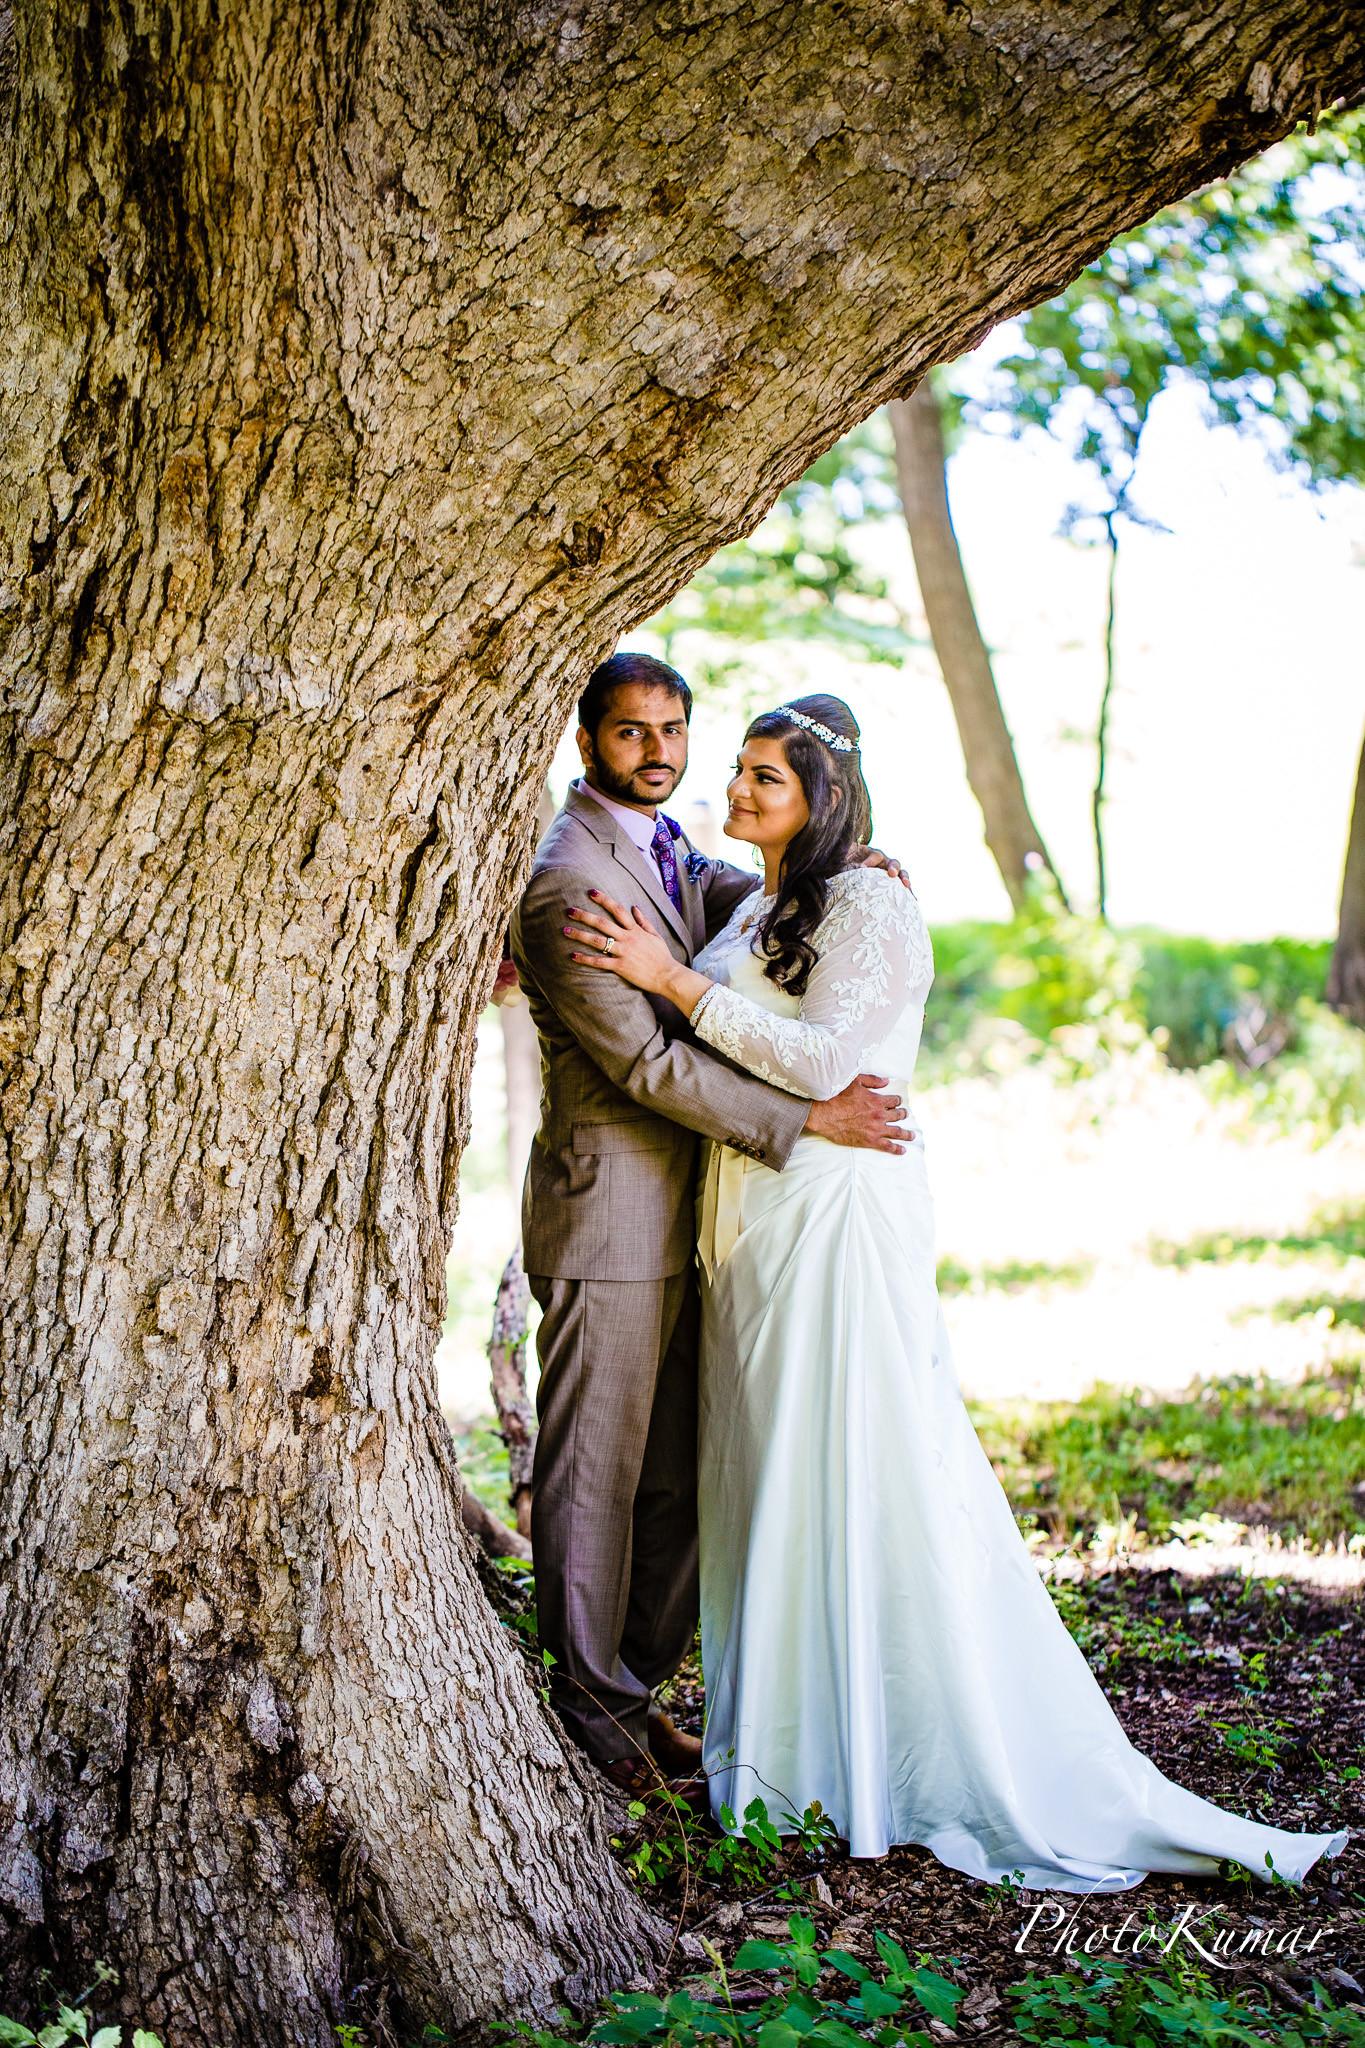 PhotoKumar-Anna and Riyaz-37.jpg